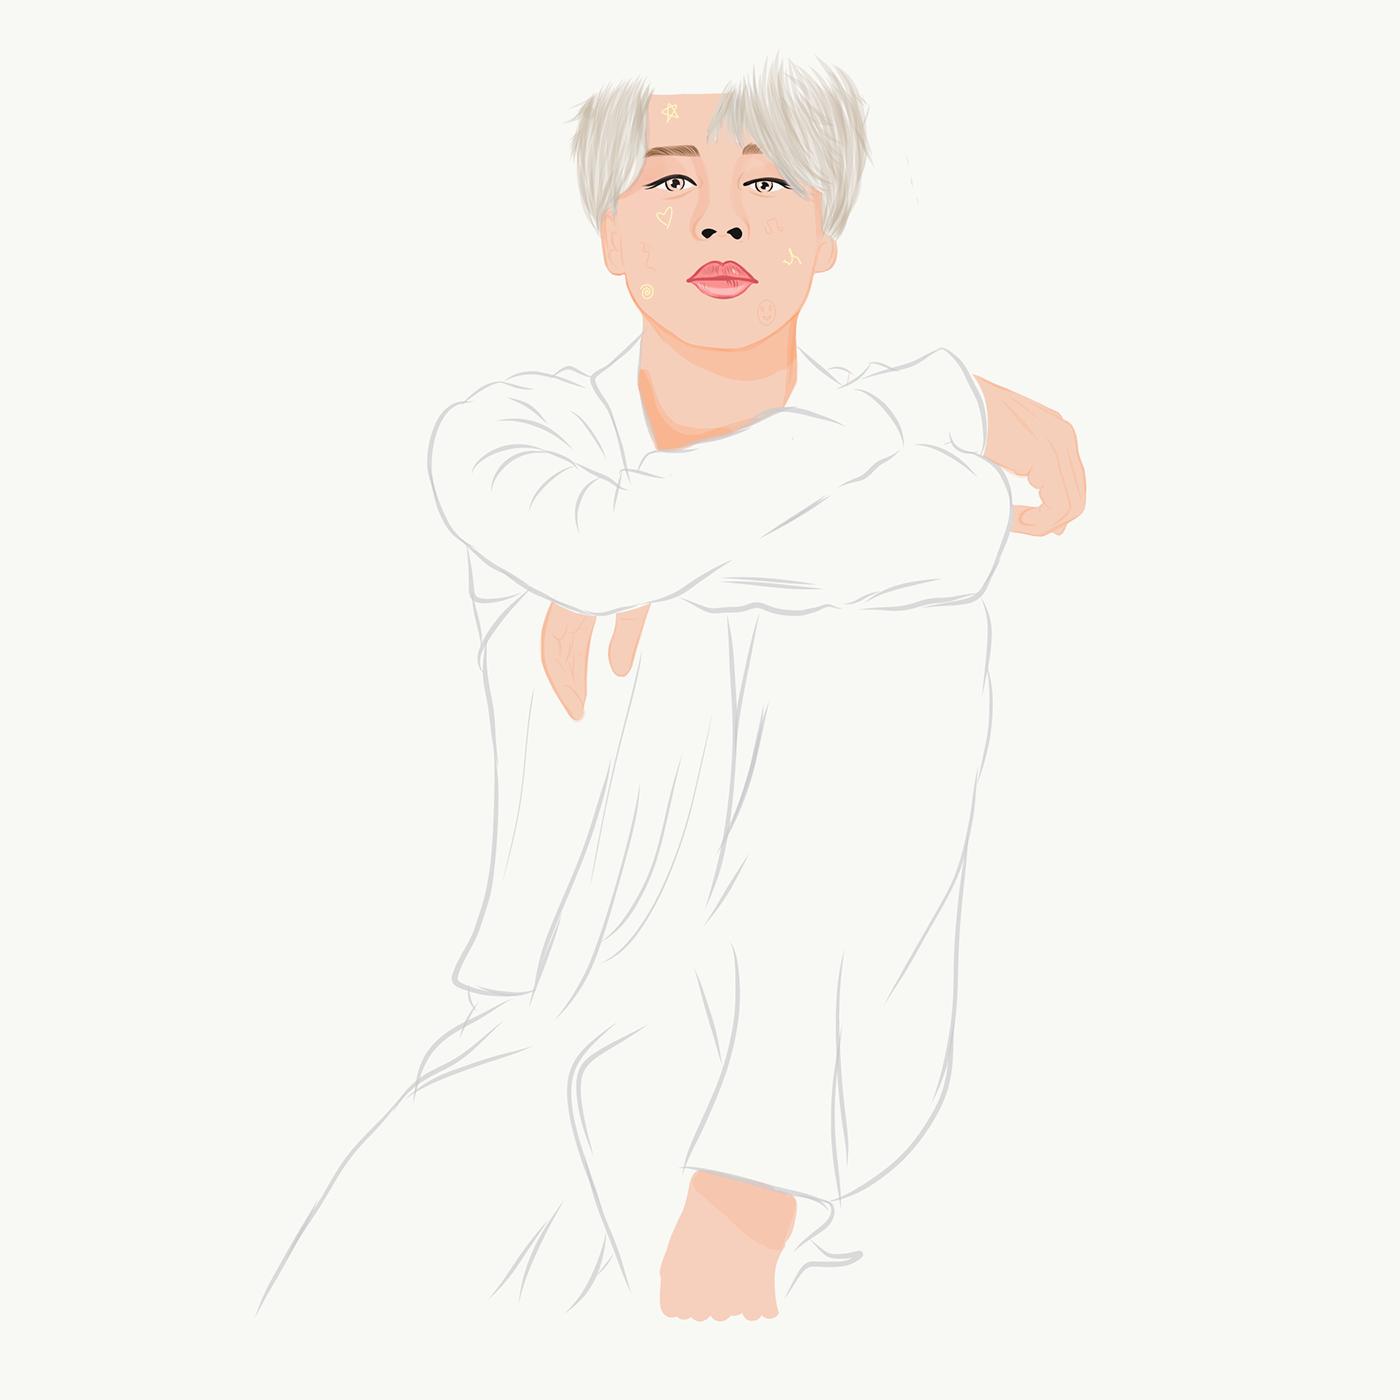 bts BTS FanArt Digital Art  Digital Drawing Drawing  ILLUSTRATION  JIMIN jimin fanart park jimin